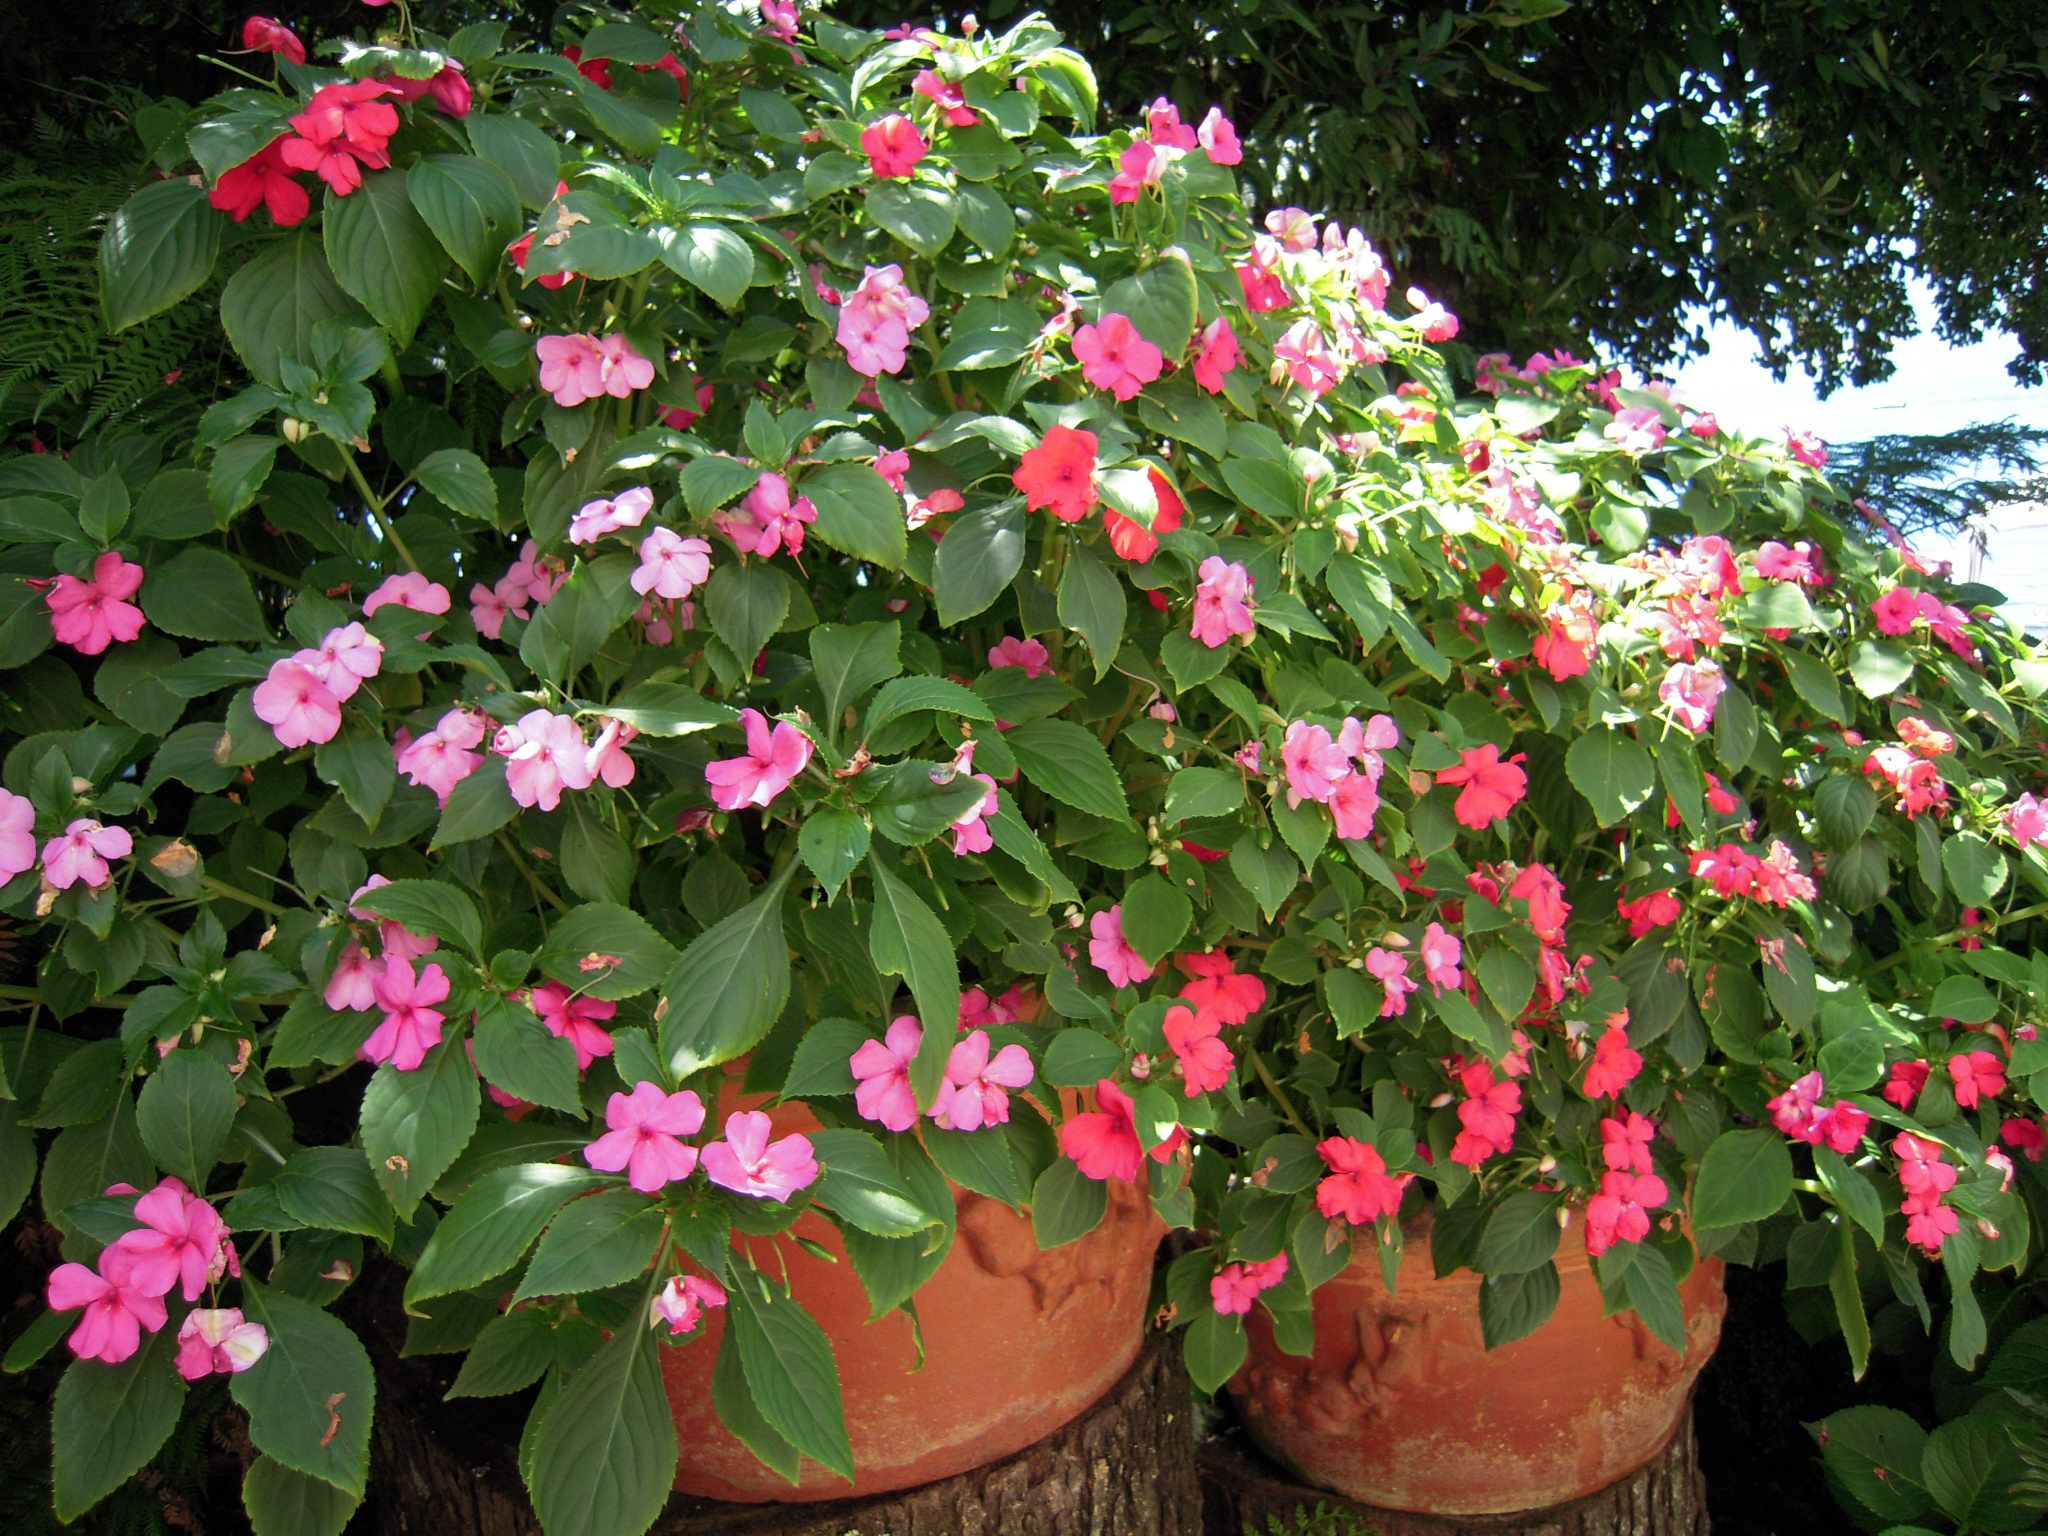 Alegr as del hogar alegrias pinterest alegria hogar y hermosa - Planta alegria del hogar ...